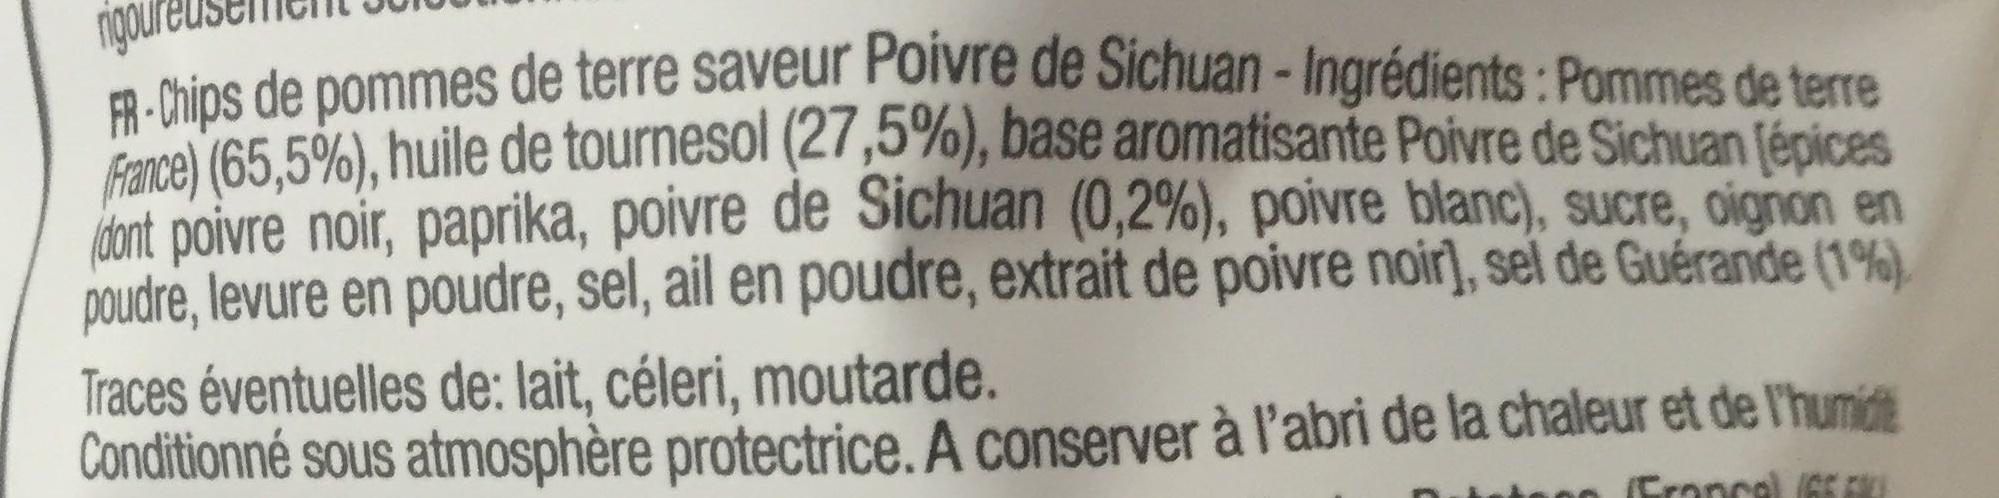 Chips Bret's saveur Poivre de Sichuan - Ingrédients - fr